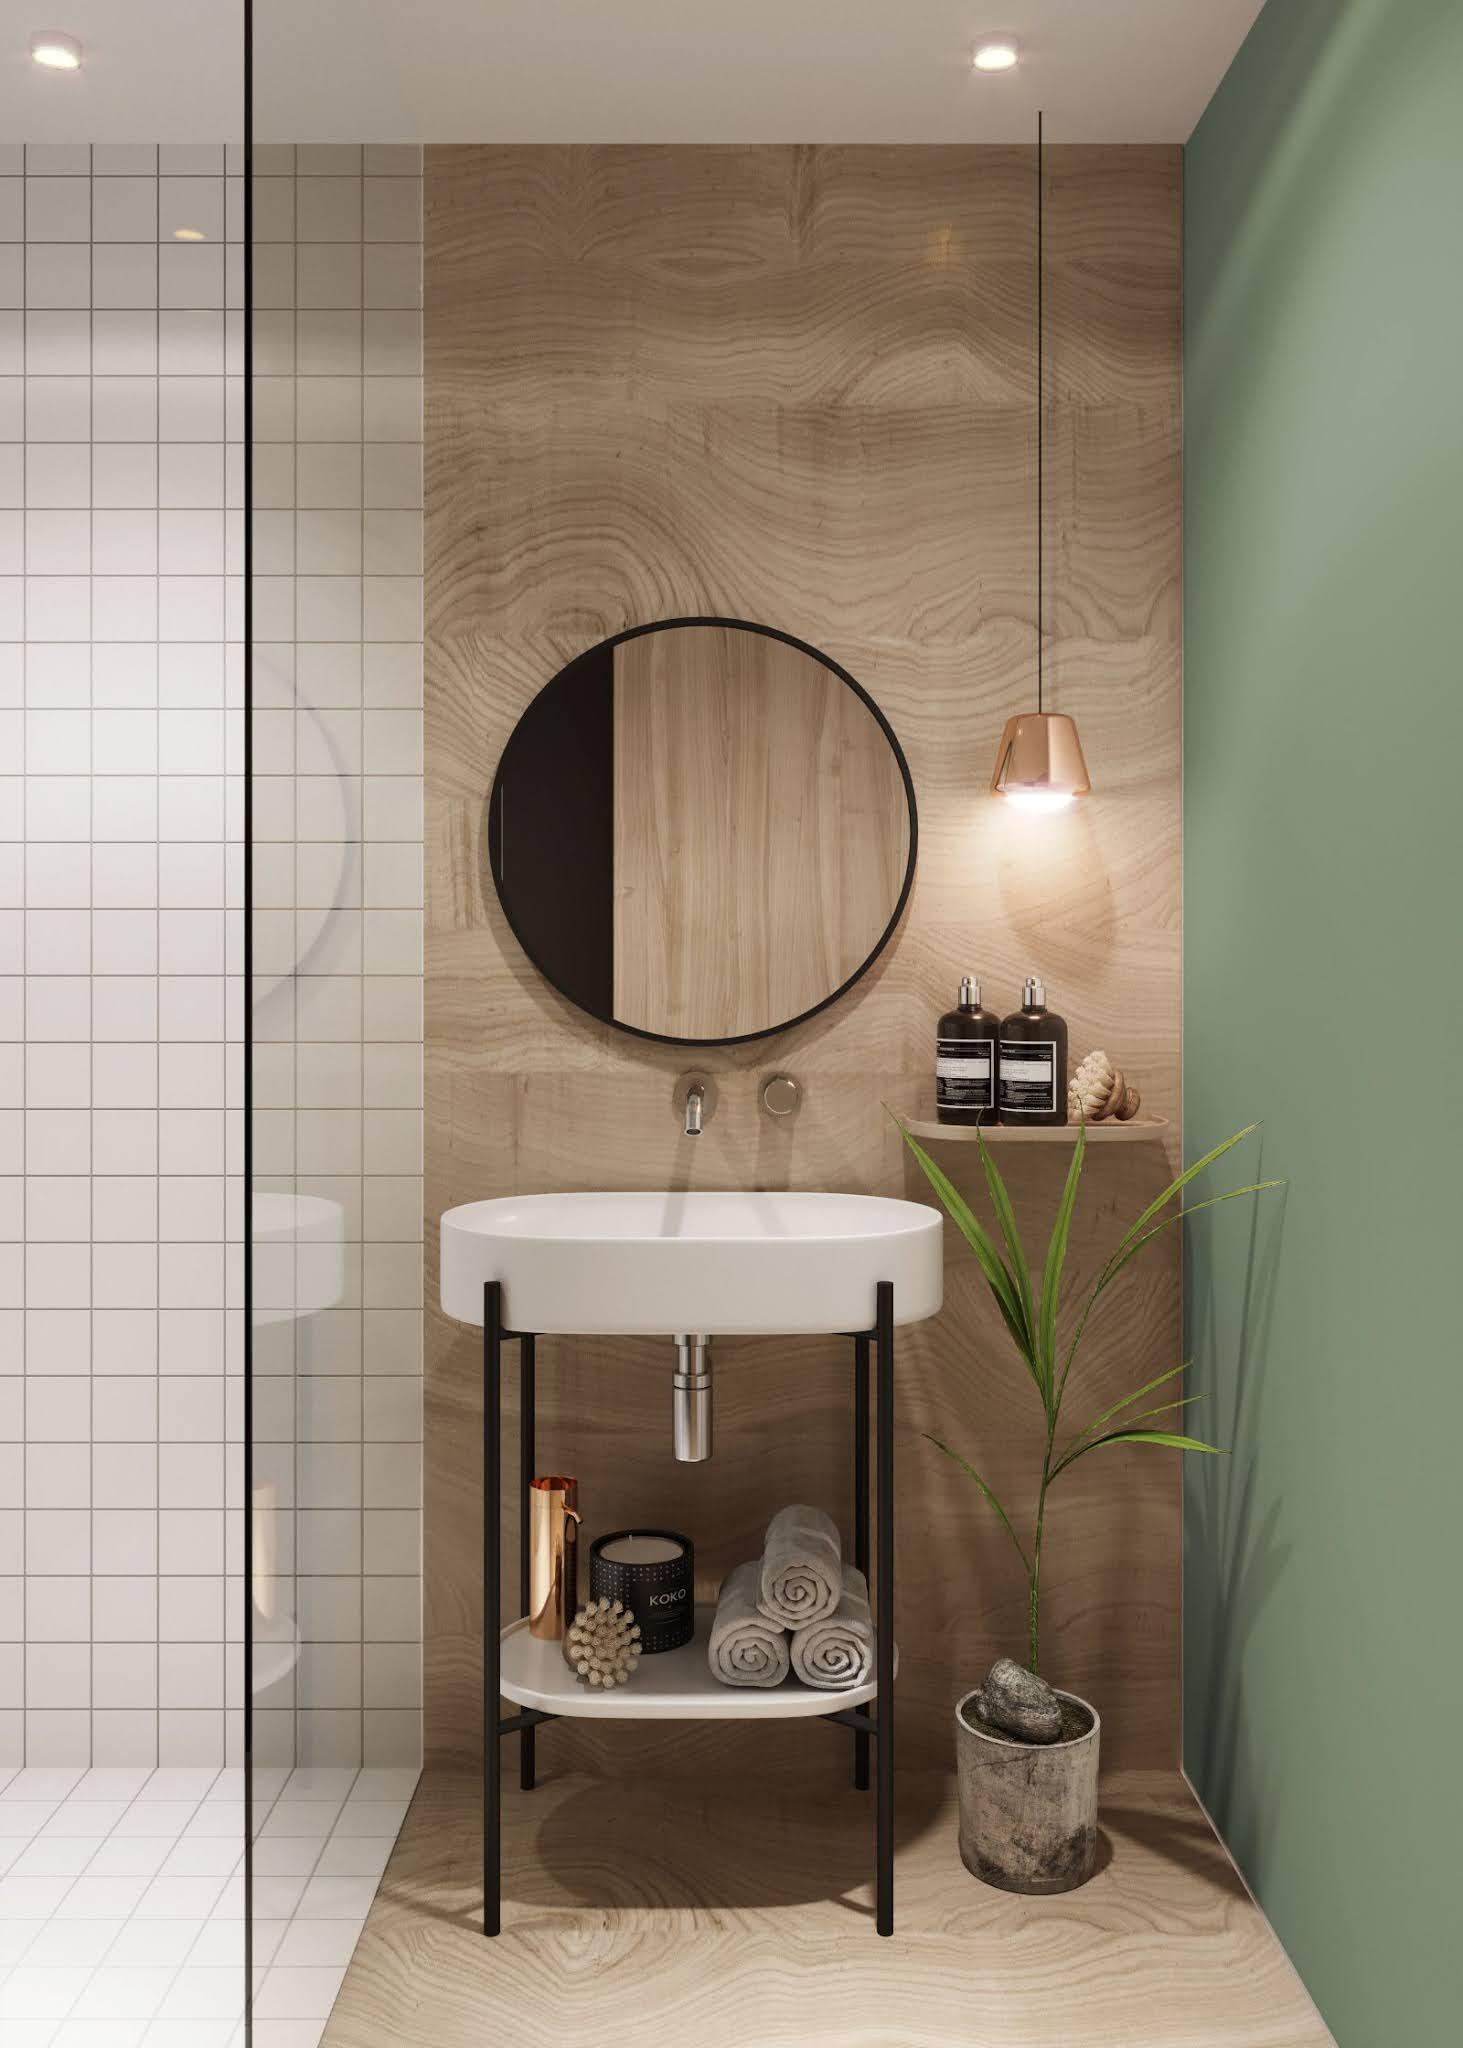 ilaria fatone inspirations - une salle de bains mixant couleurs et matériaux